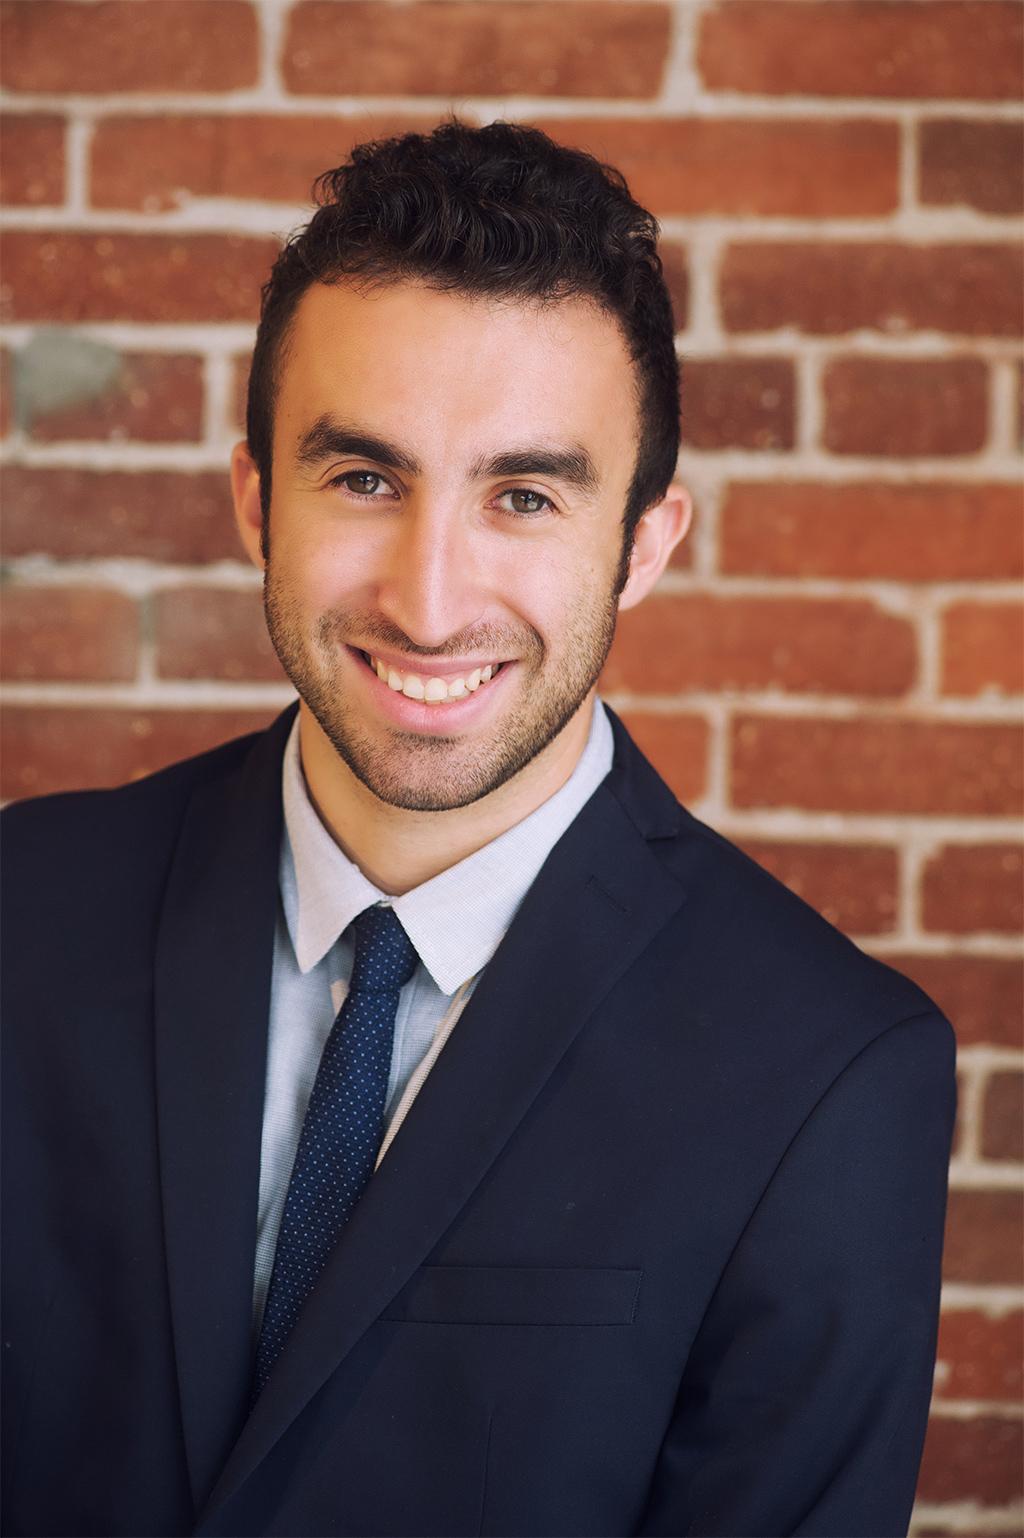 Zachary Gonzalez